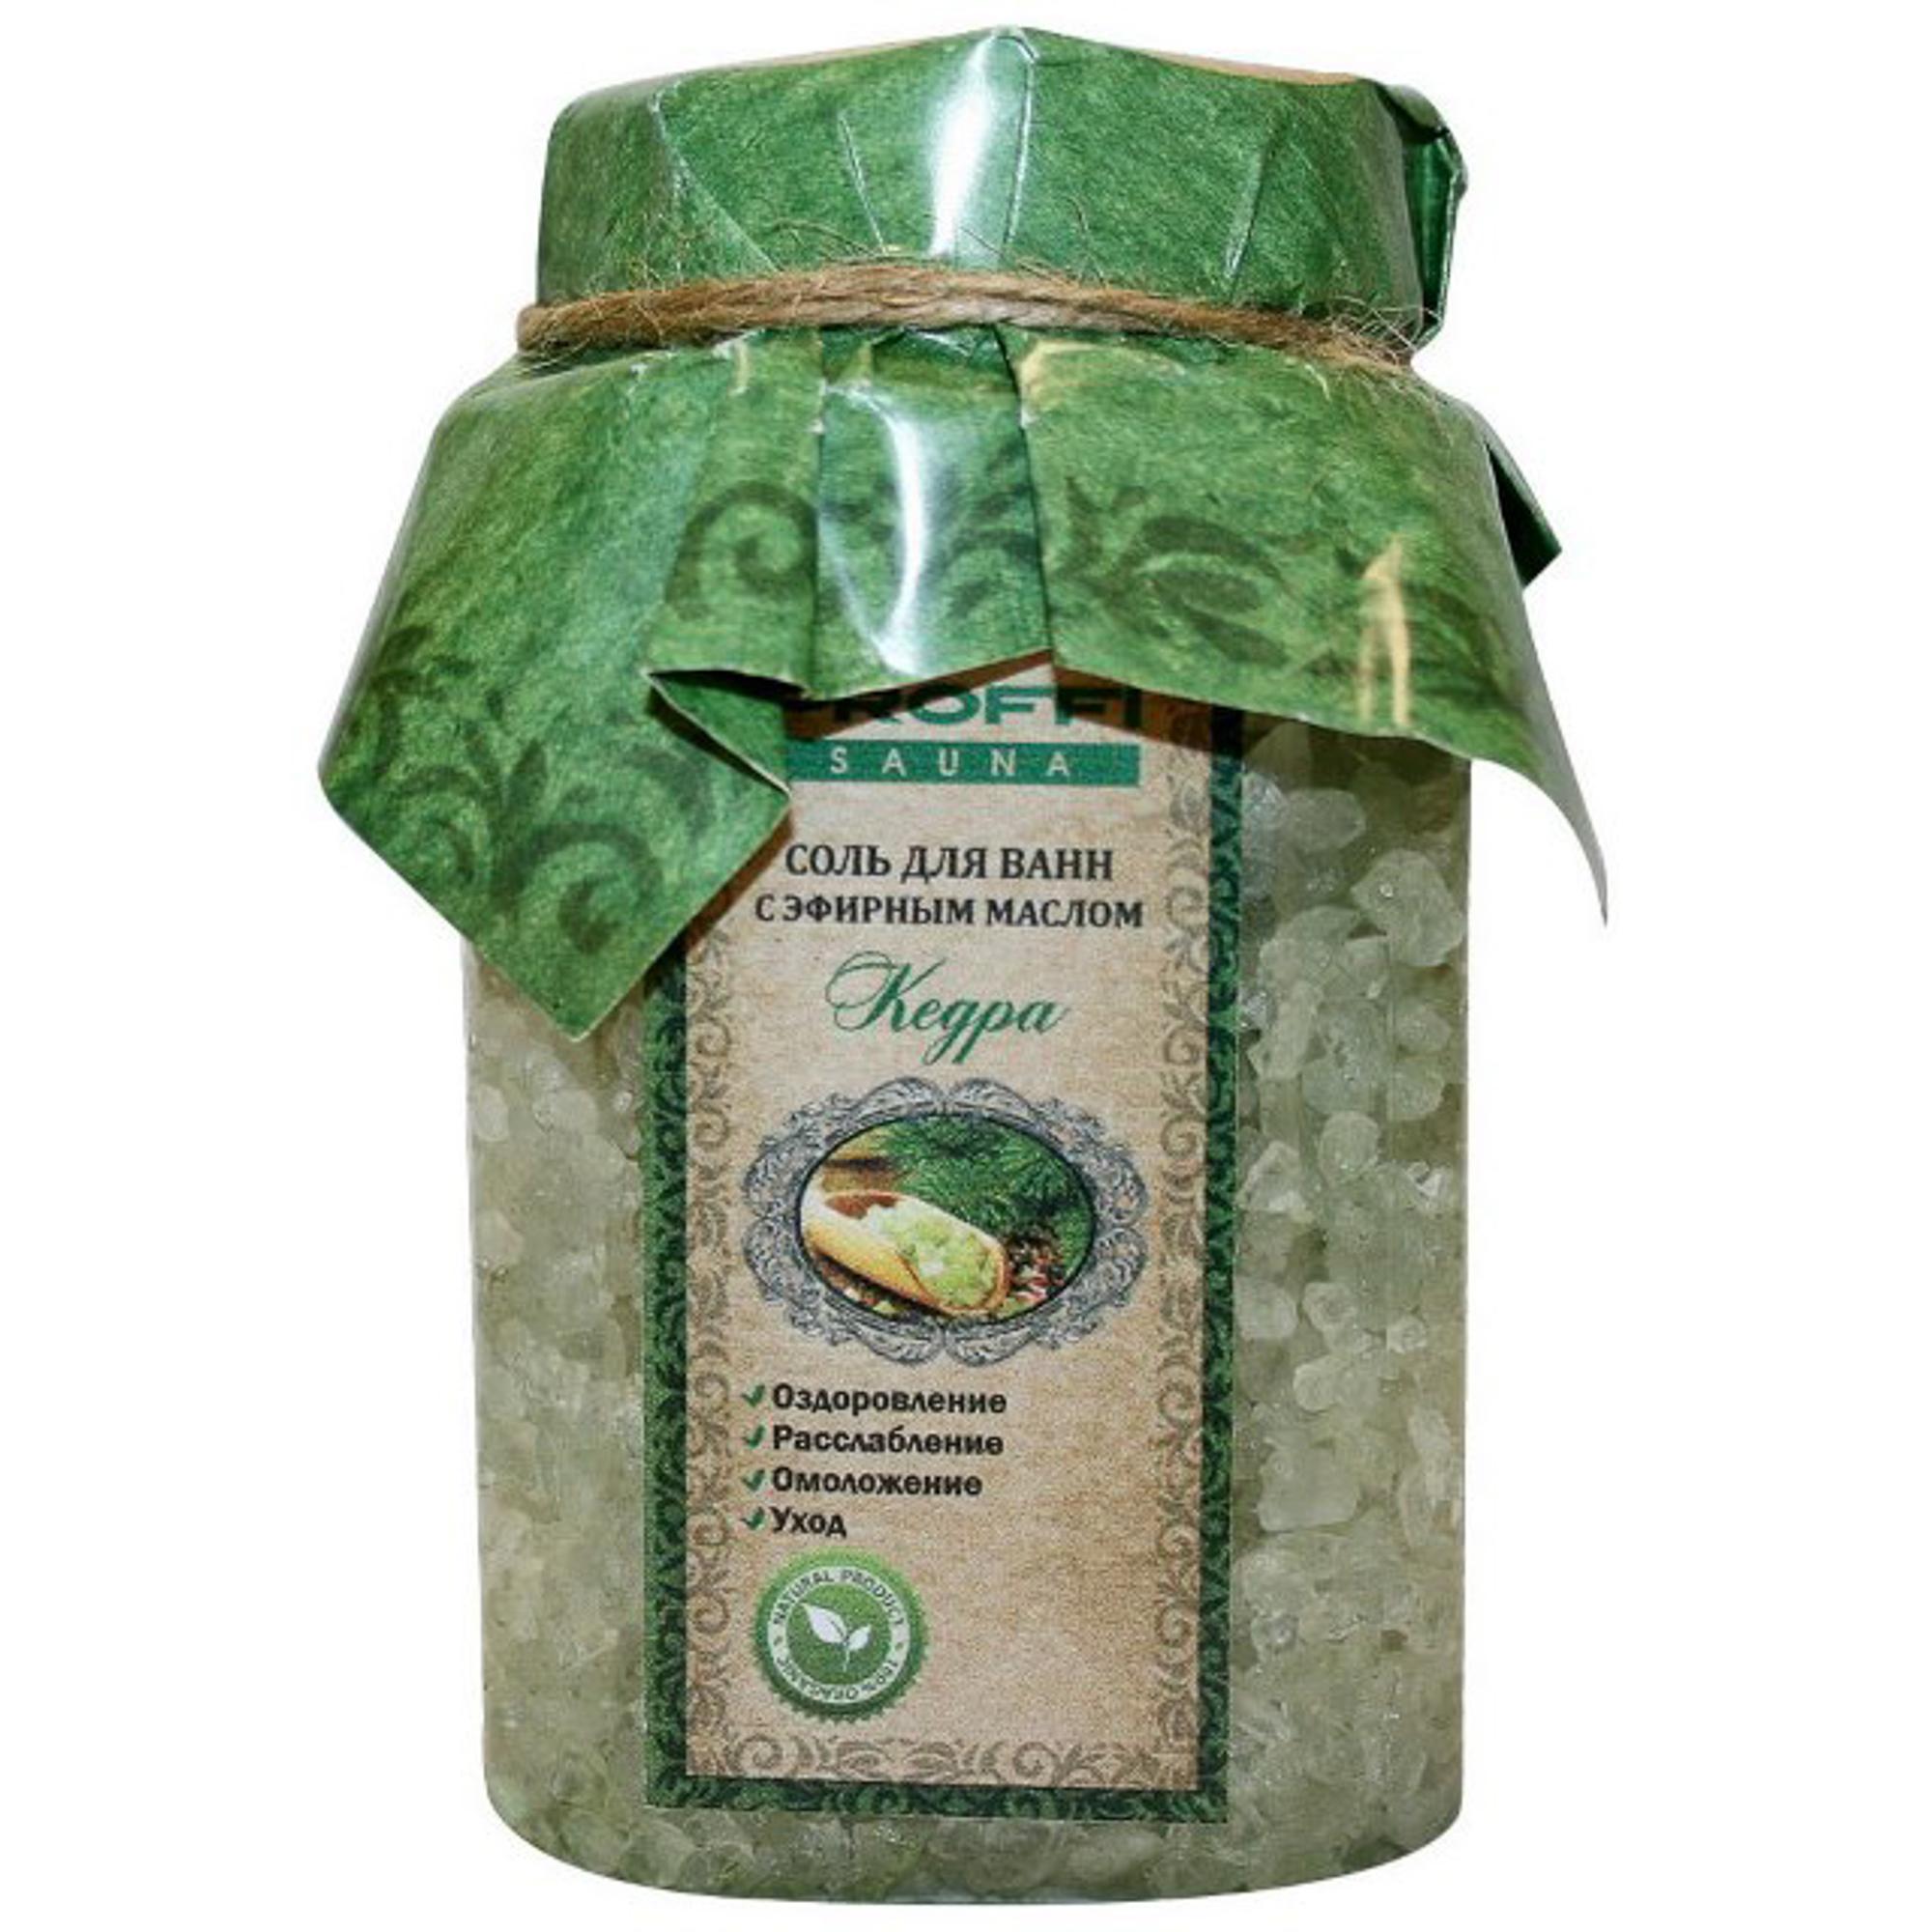 Фото - Соль для ванн Proffi Sauna с эфирным маслом кедра 450 мл добропаровъ соль для ванн с маслом ели 3005701 300 г